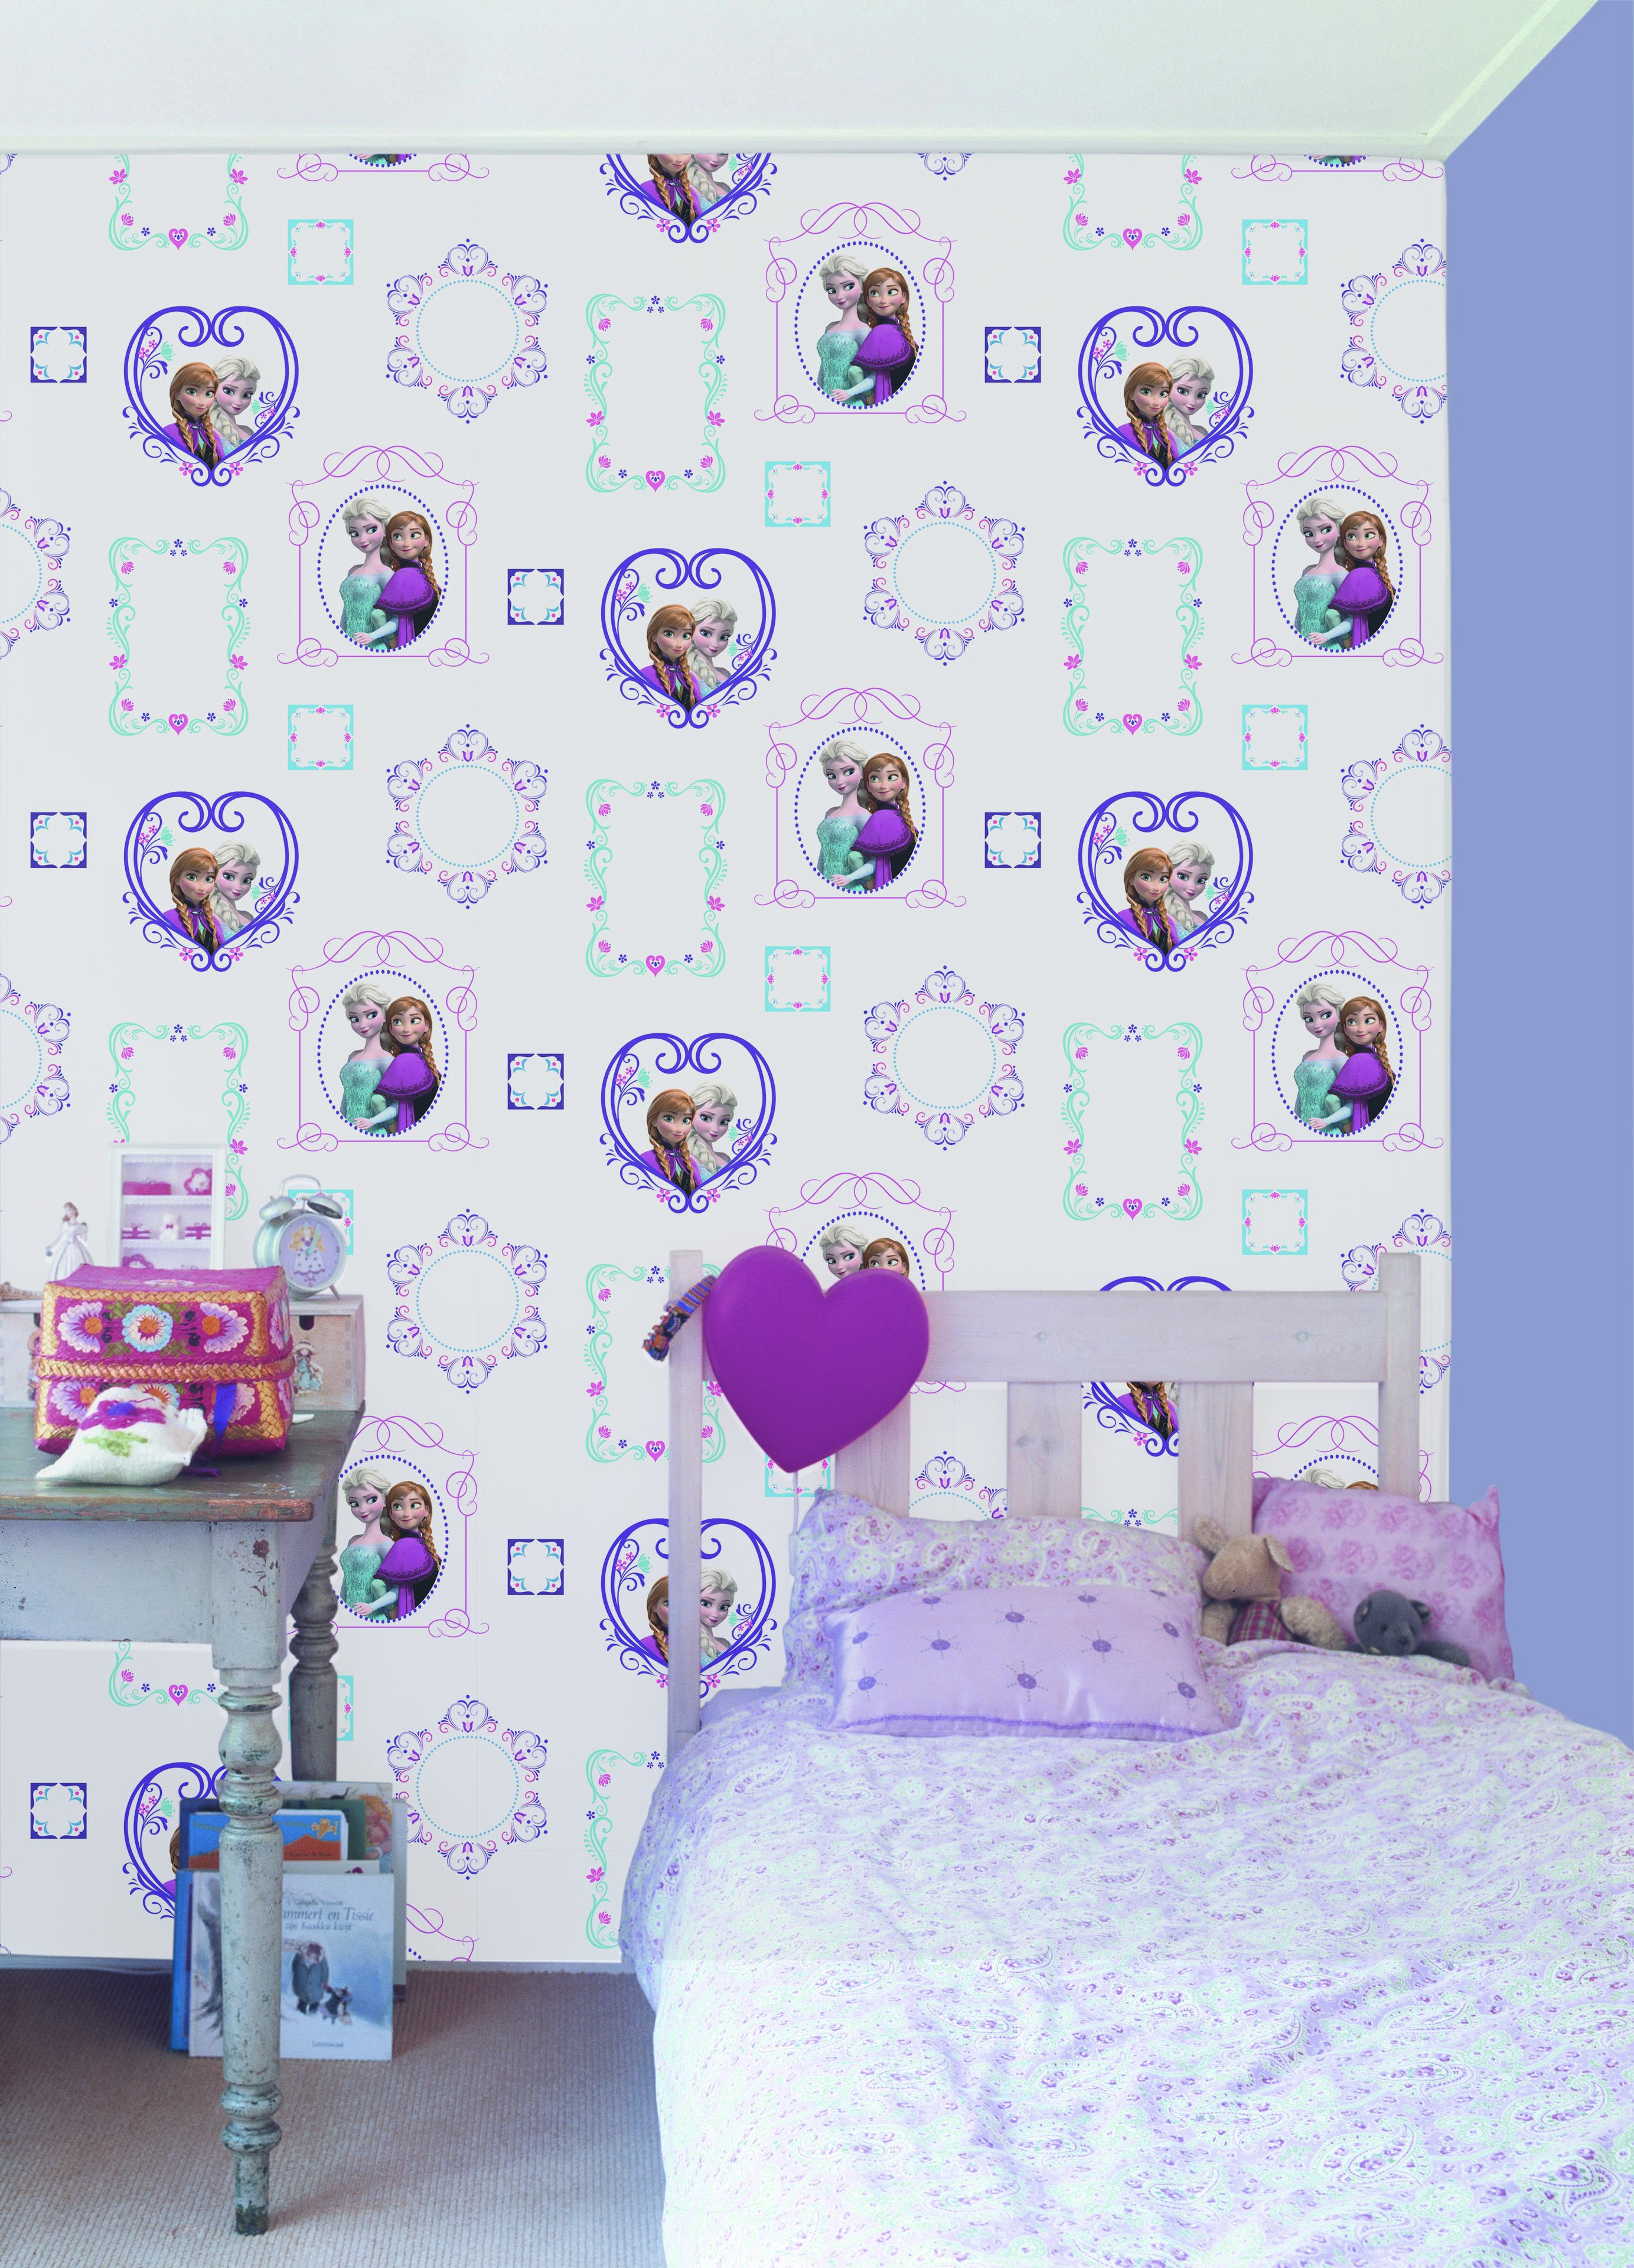 Behang Praxis Roze.Praxis Frozen Behang Met Paars En Roze Behang Framed Wallpaper